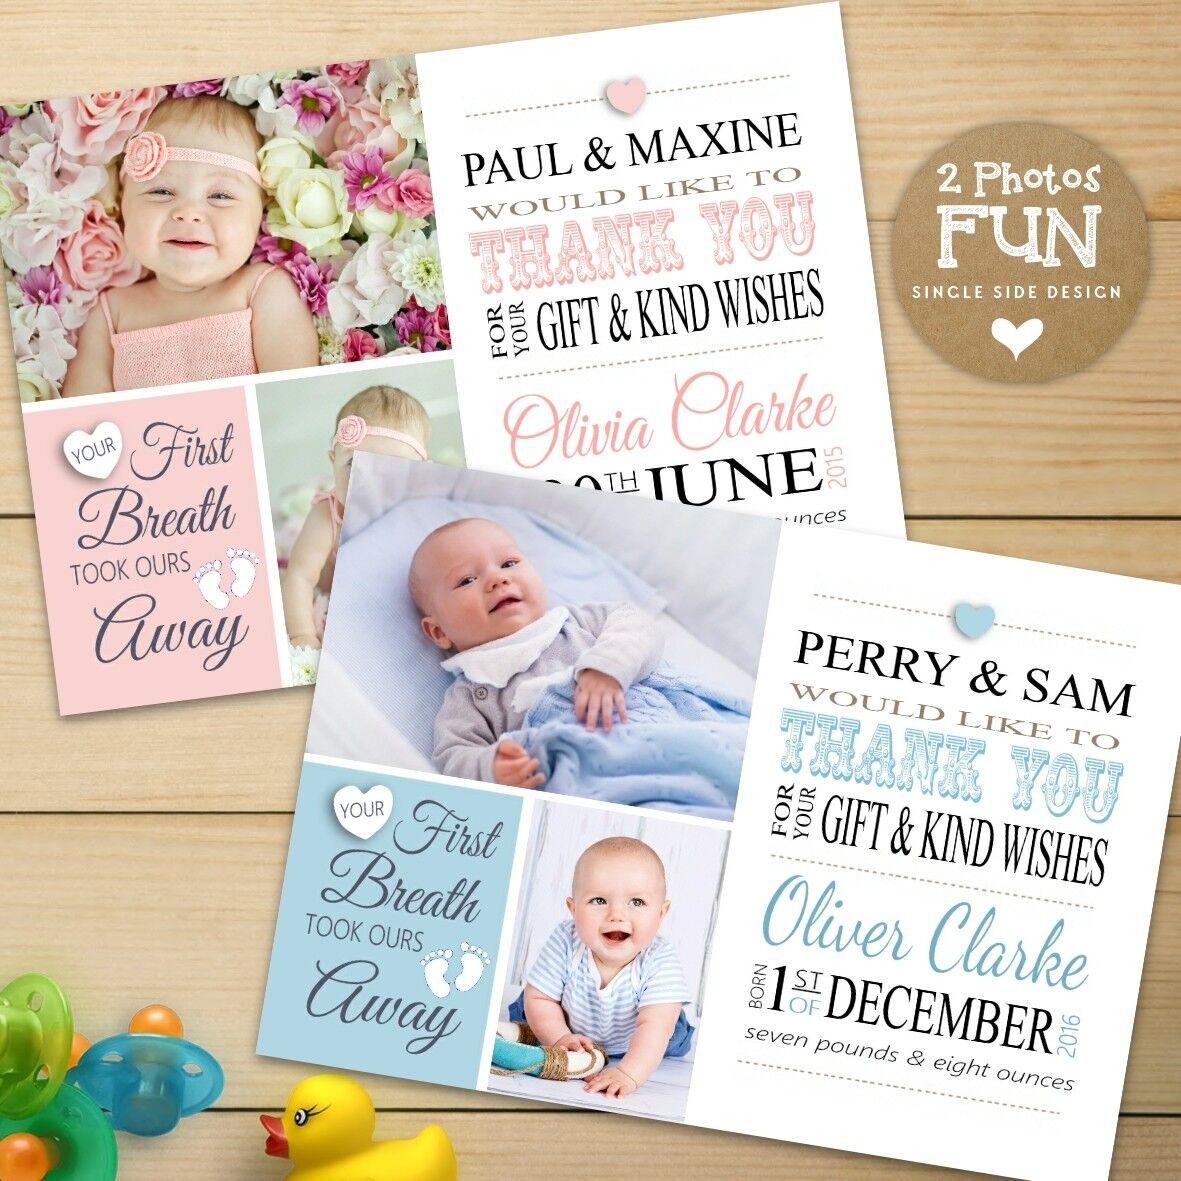 Personnalisée garçon/anniversaire/Baptême. Photo merci cartes ~ bébé fille ou garçon/anniversaire/Baptême. Personnalisée 8701bb